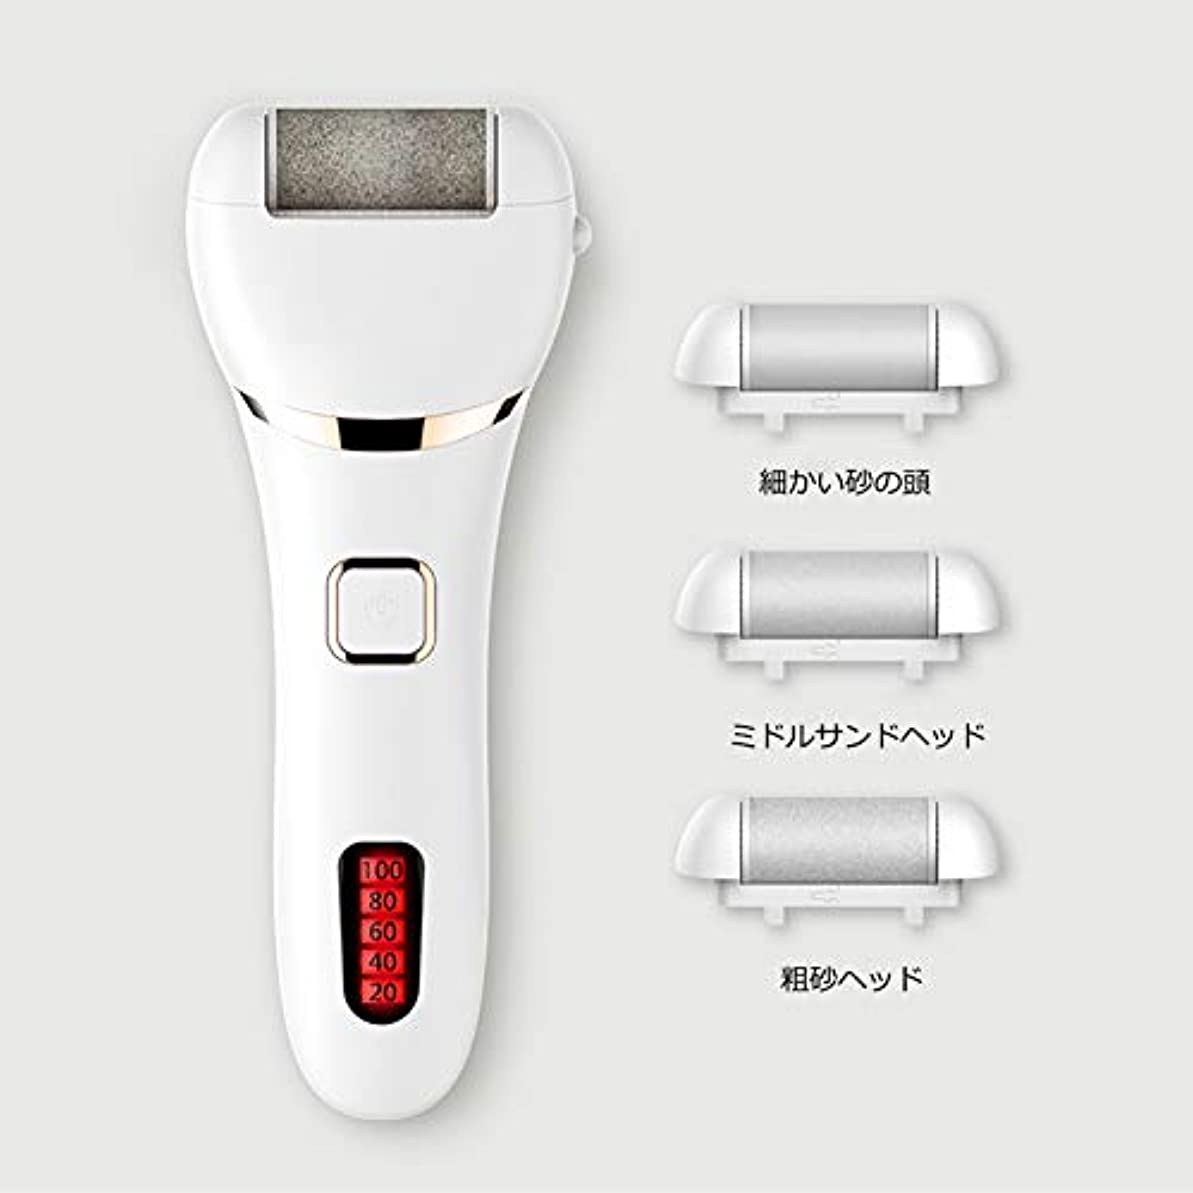 ハプニングメタルライン気まぐれな電動かかと角質取り リムーバー 水洗いでき 角質クリア ワンタッチスタート ローラー フットケア USB充電 角質リムーバー 女性/老人が大好 フットケアに大人気